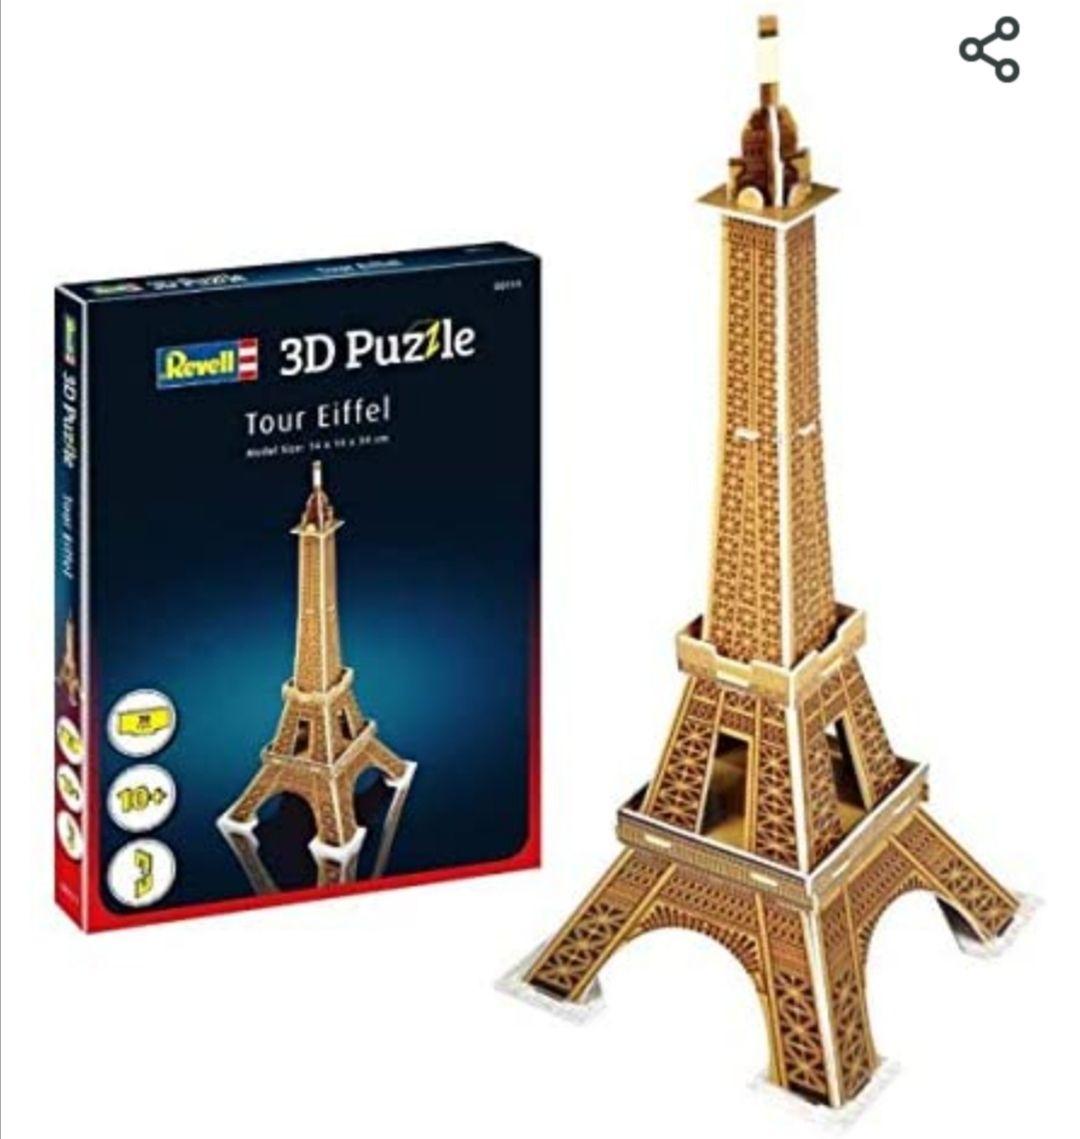 Revell- Torre Eiffel 3D Puzzle, (puzzle varios estatua libertad, titanic..)